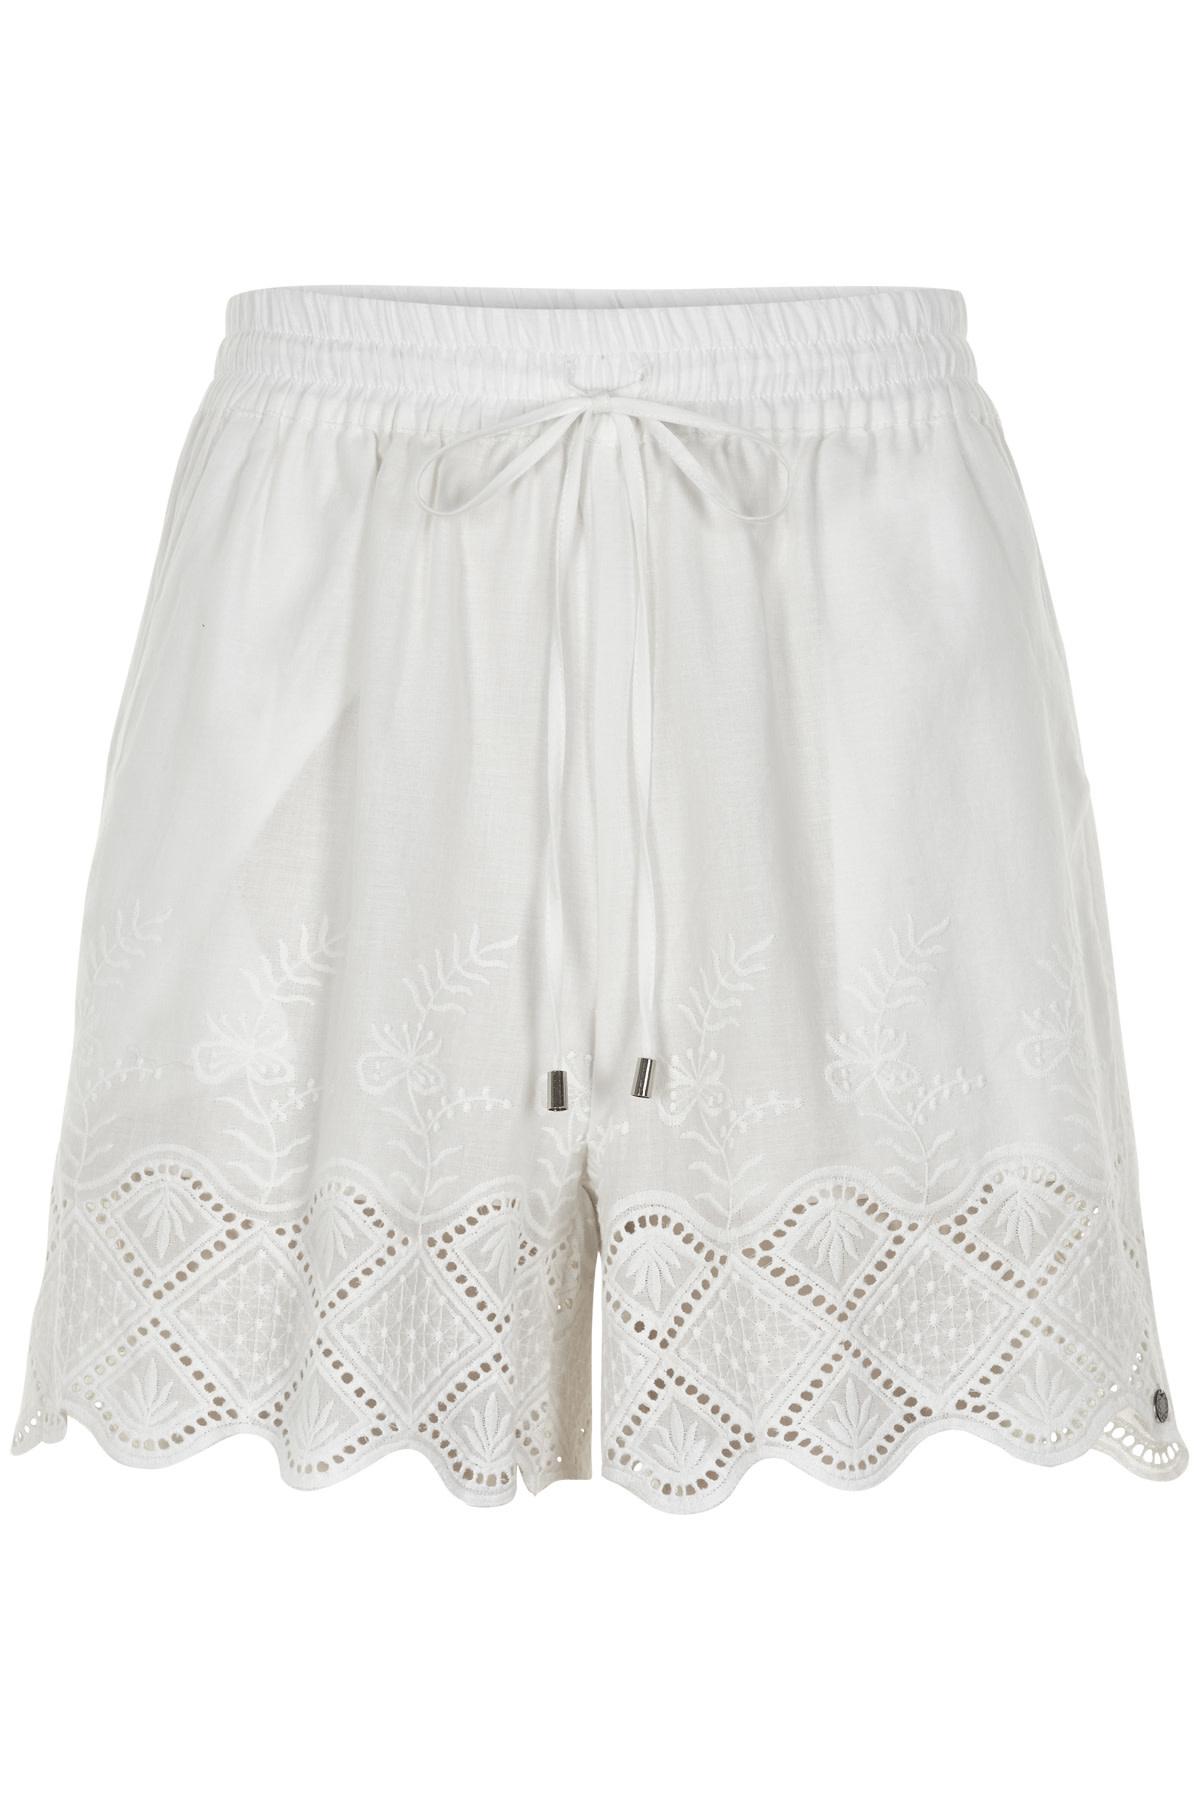 Nümph Libi Shorts